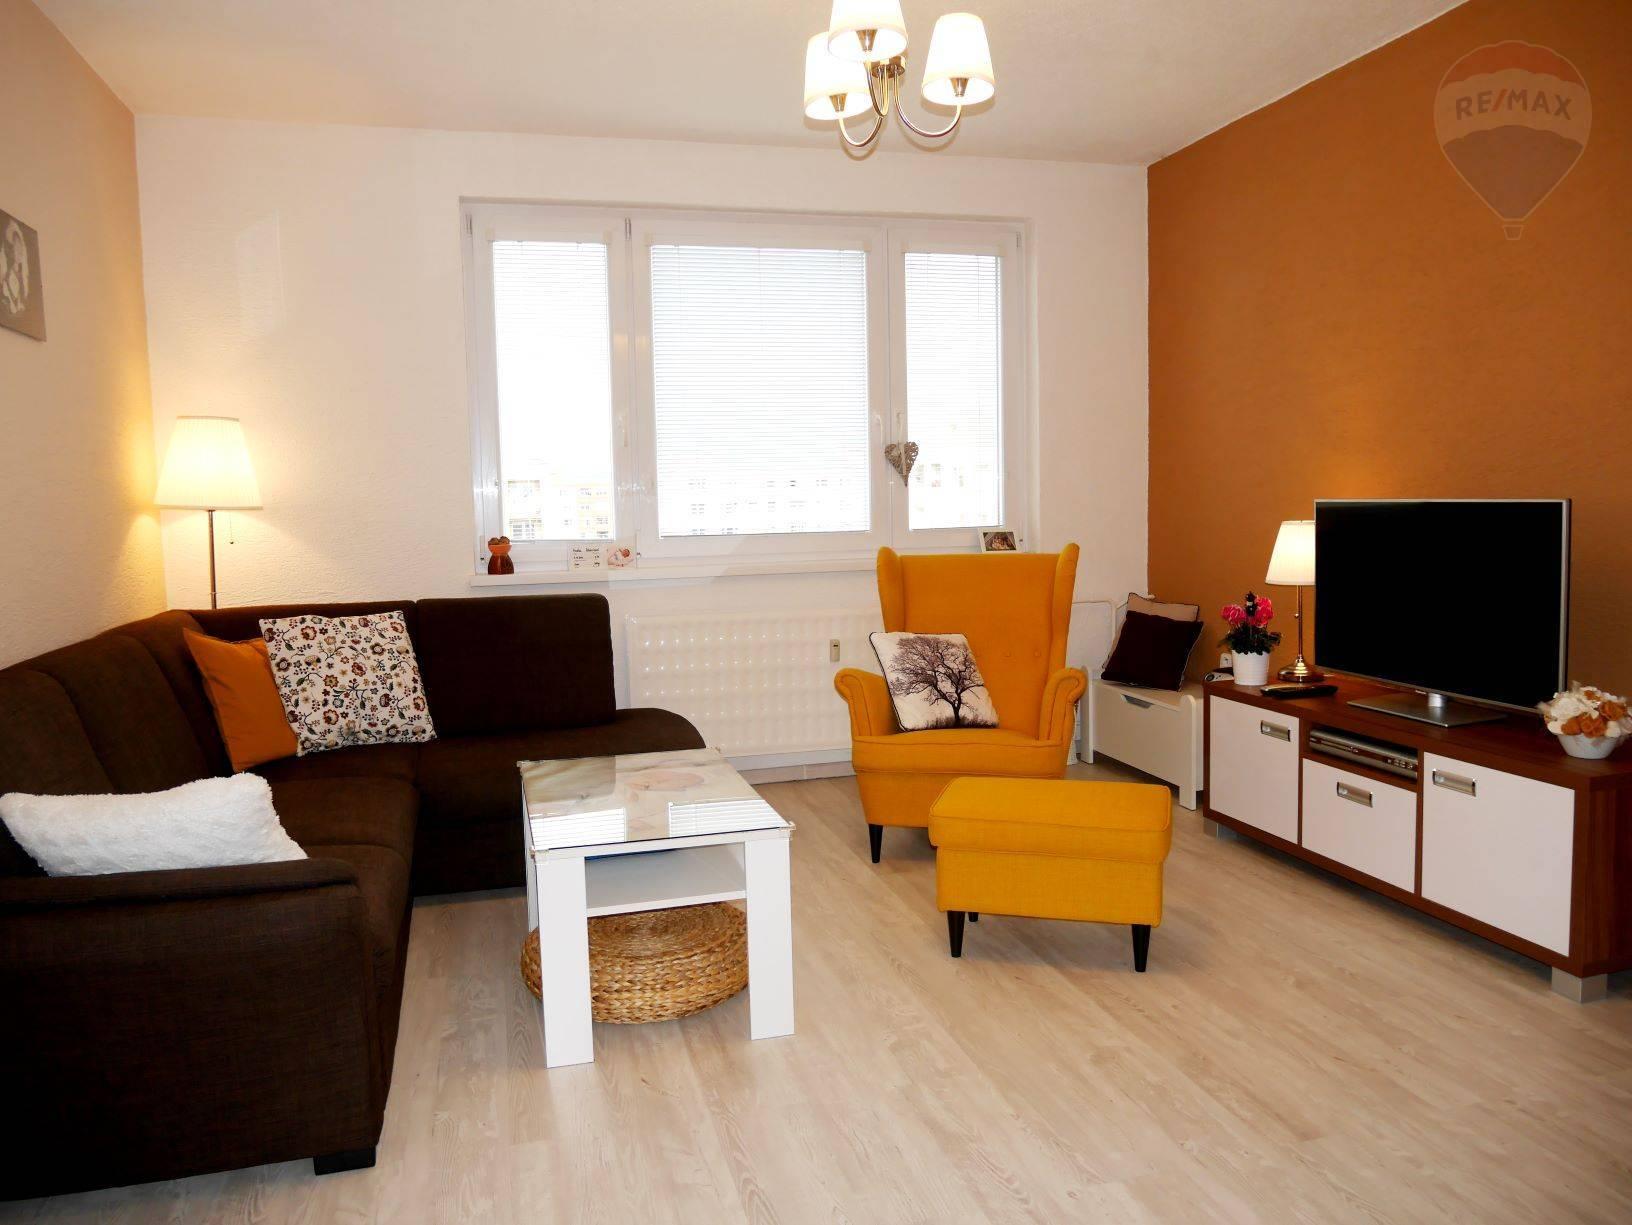 Predaj bytu (3 izbový) 70 m2, Prievidza -